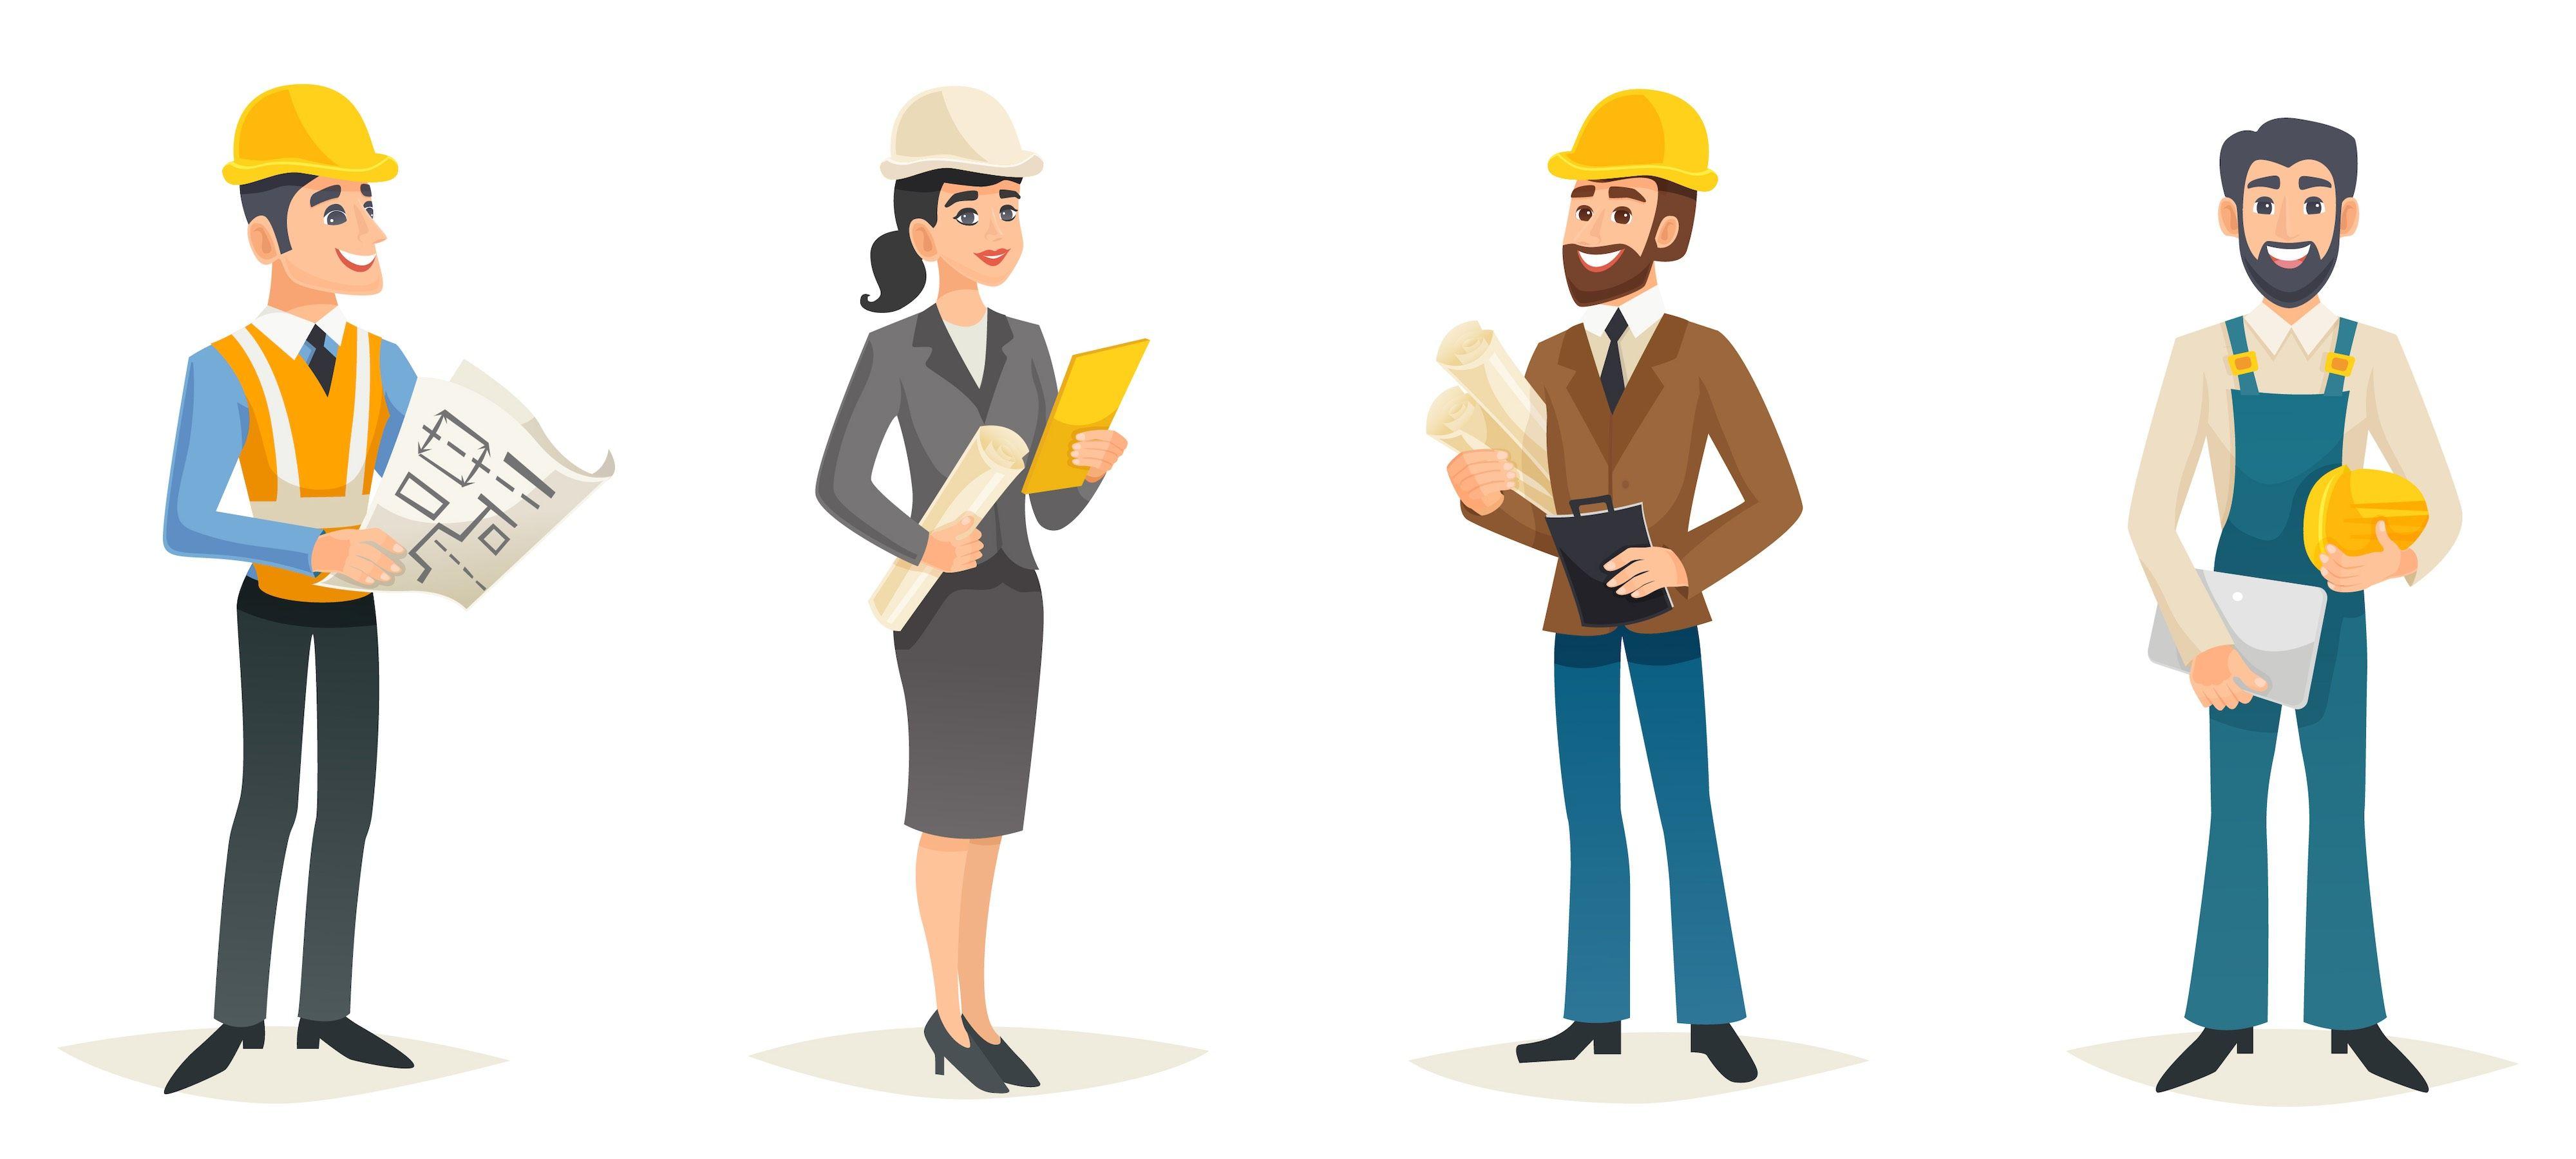 Highest Paying Jobs after B.tech Engineer cartoon